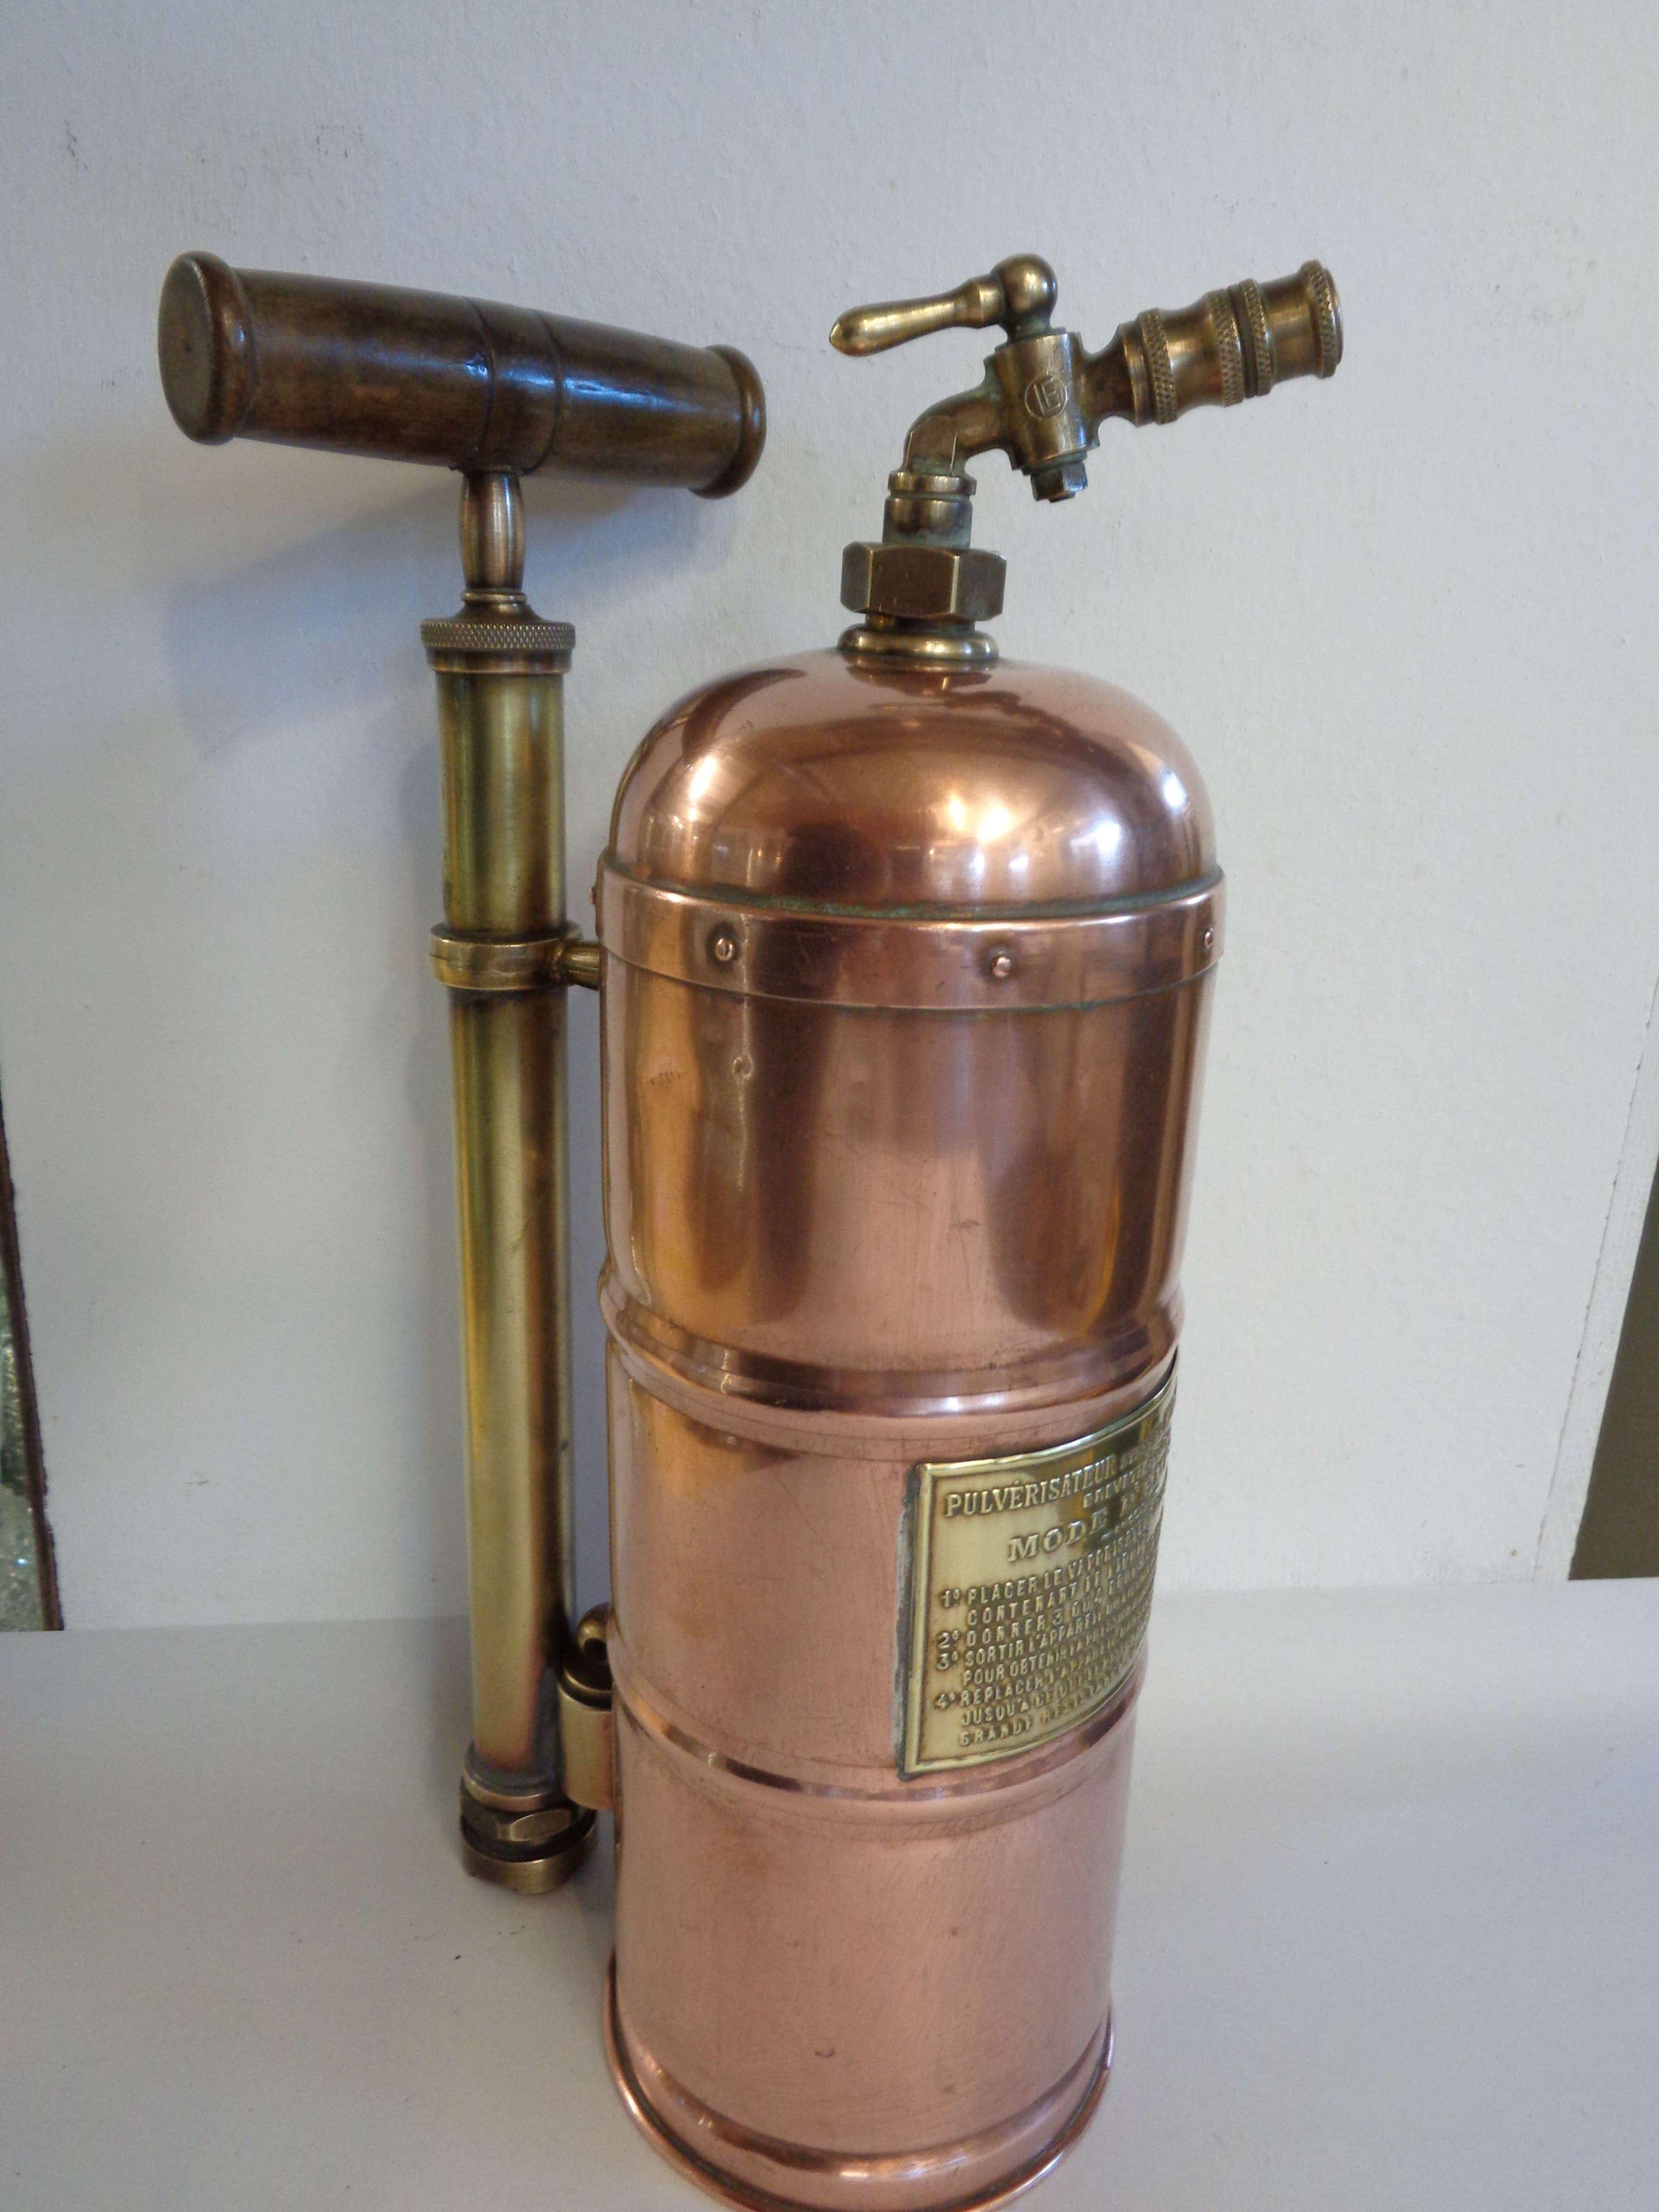 Vintage French Copper & Brass Pulverizer